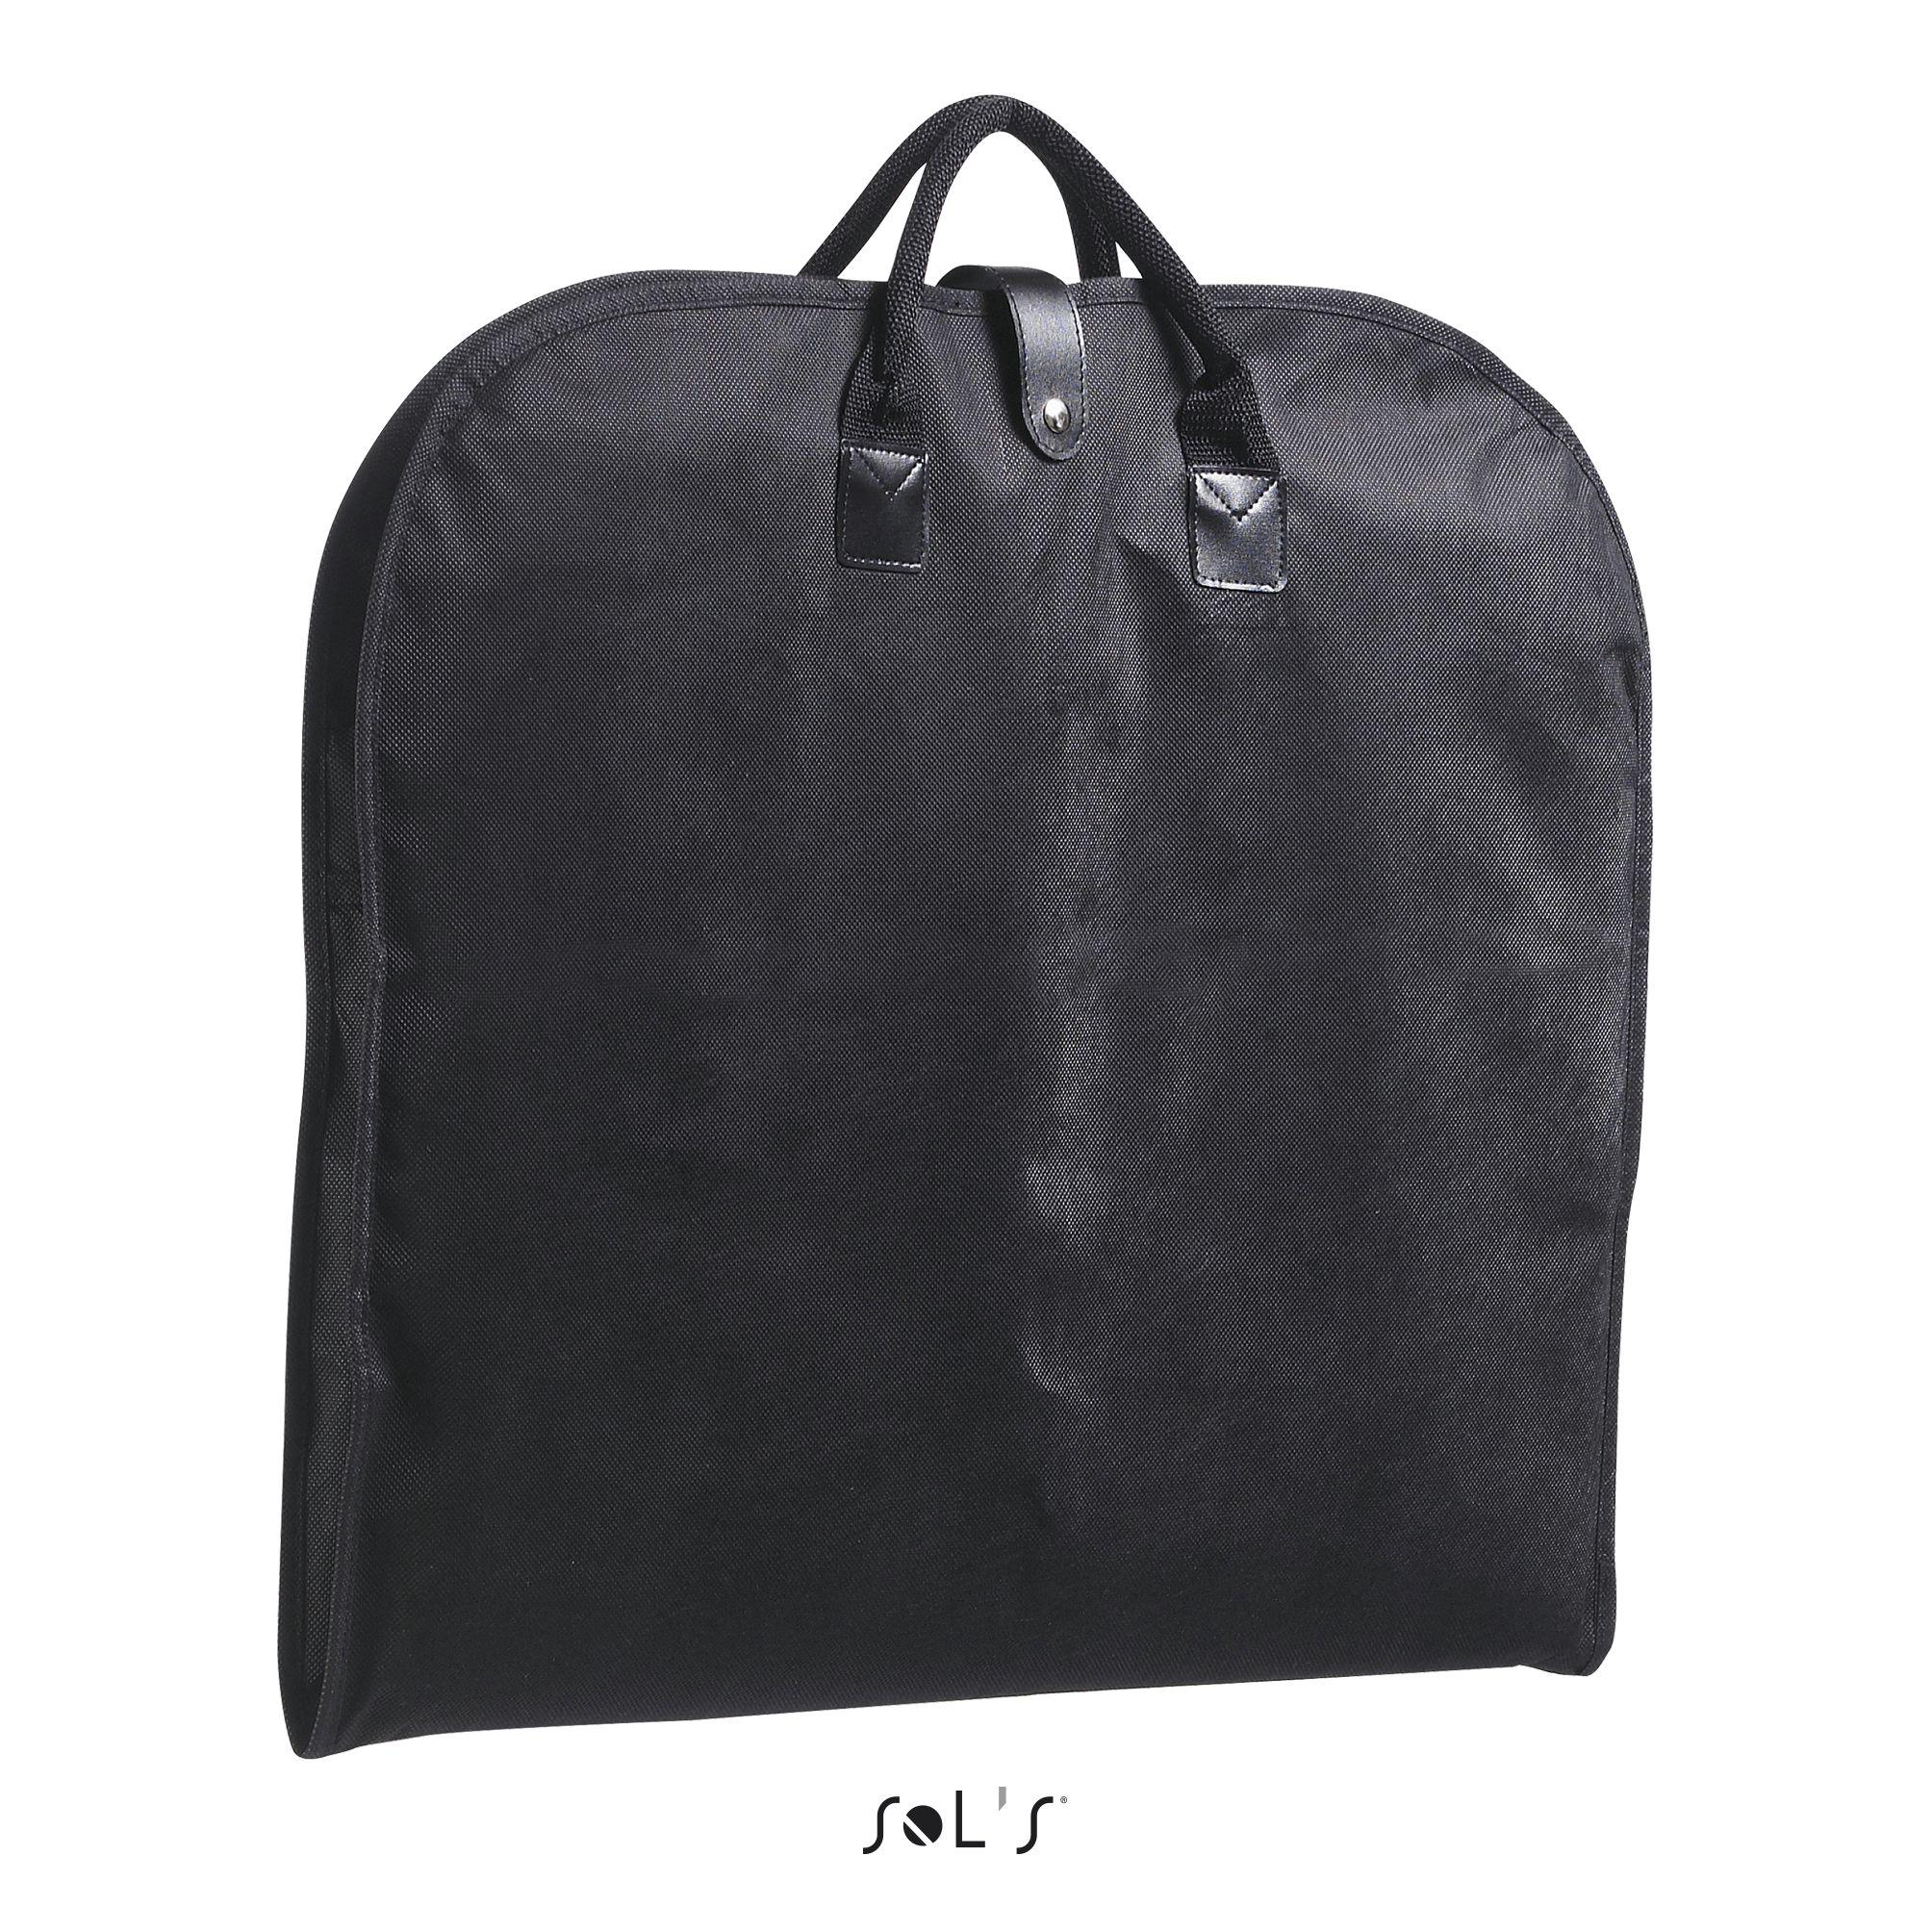 312 - Noir